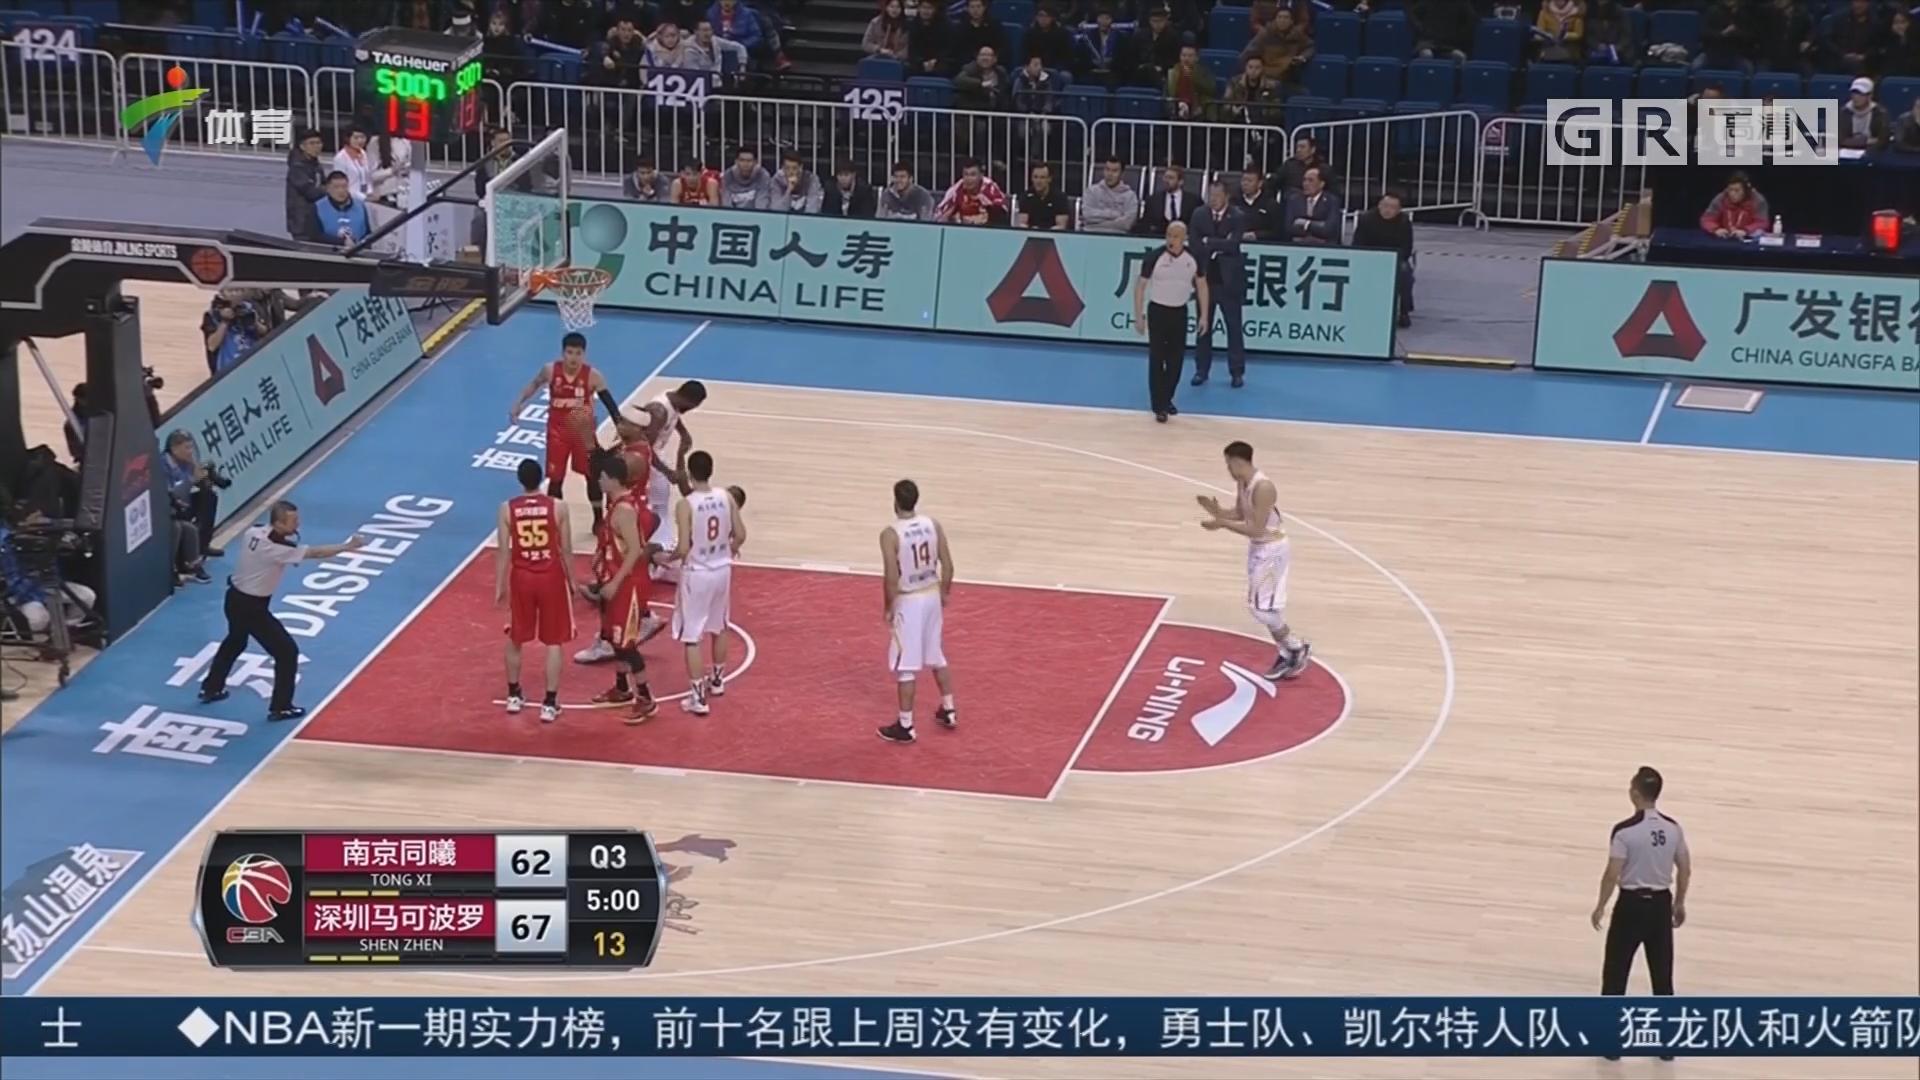 刘泉——特约篮球评述员